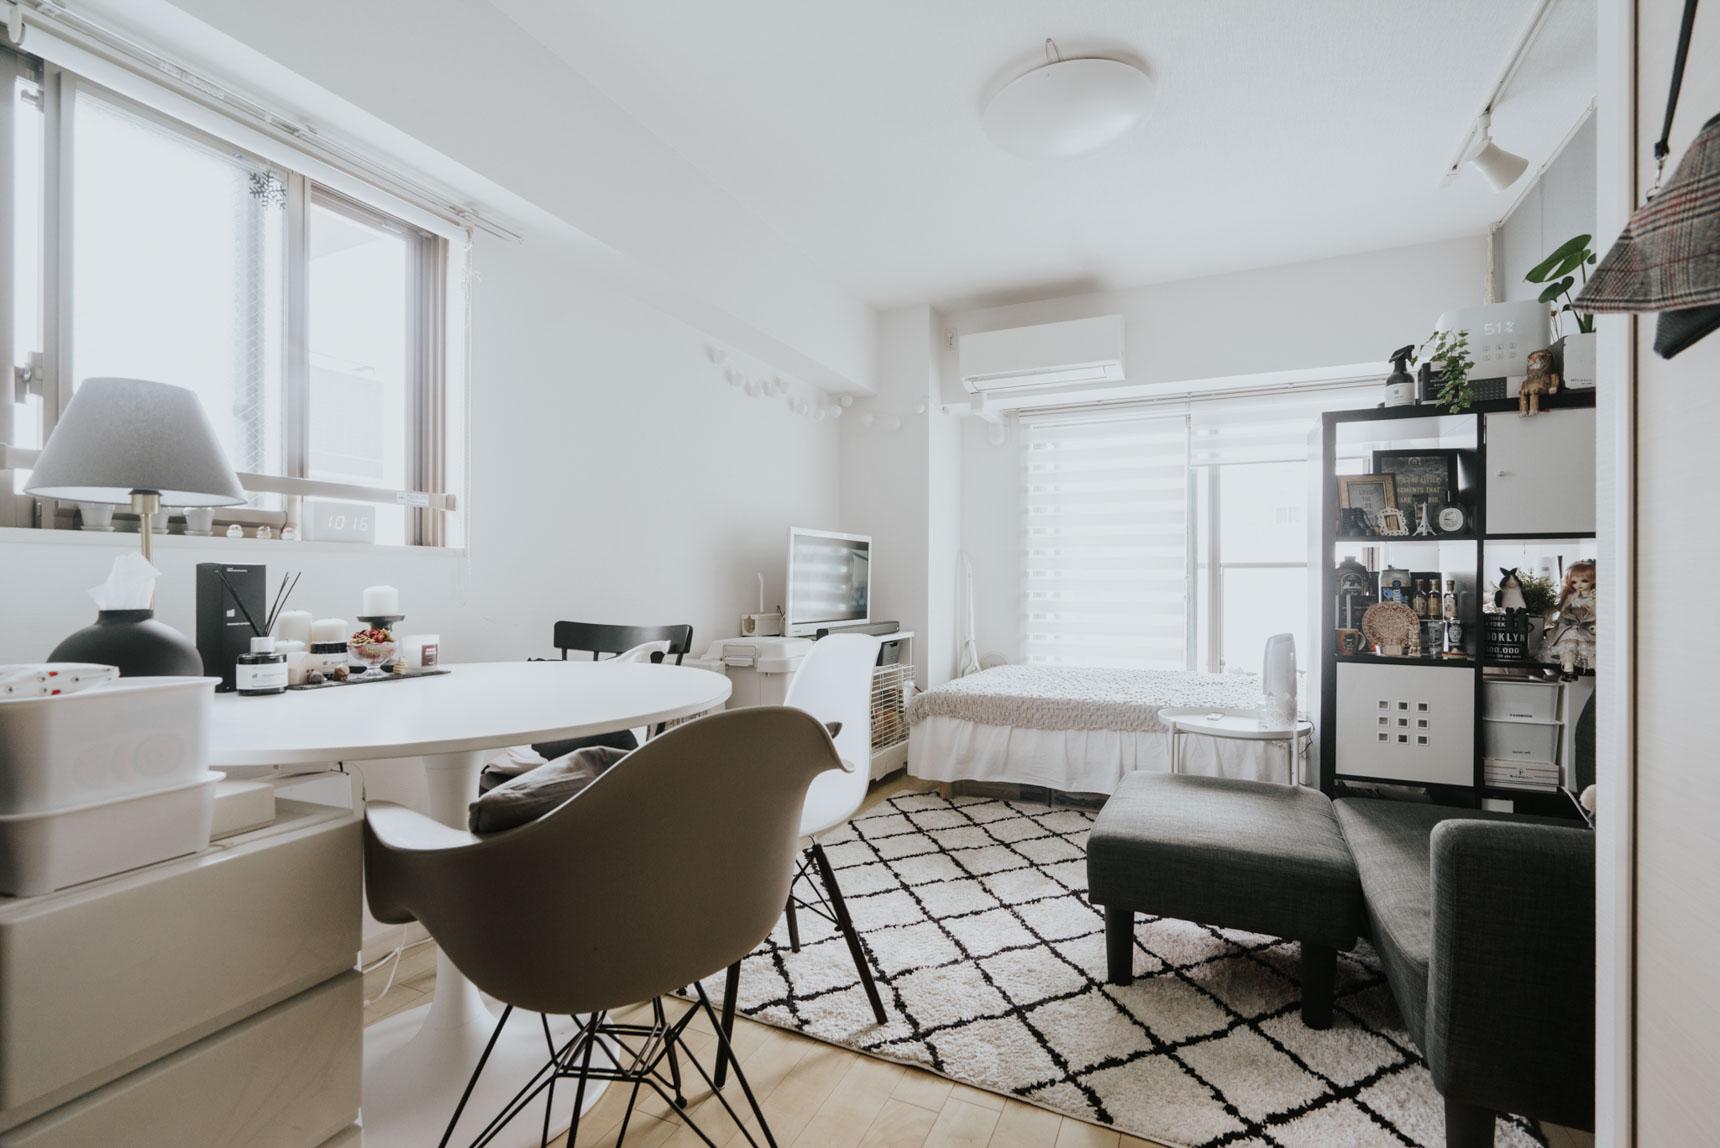 少し広めの1Kの間取りに住む方の事例。部屋全体をモノトーン統一しているため、クールに見えますが、椅子やテーブル、デスクランプなどインテリアのフォルムが丸みを帯びていて柔らかい印象も受けます。